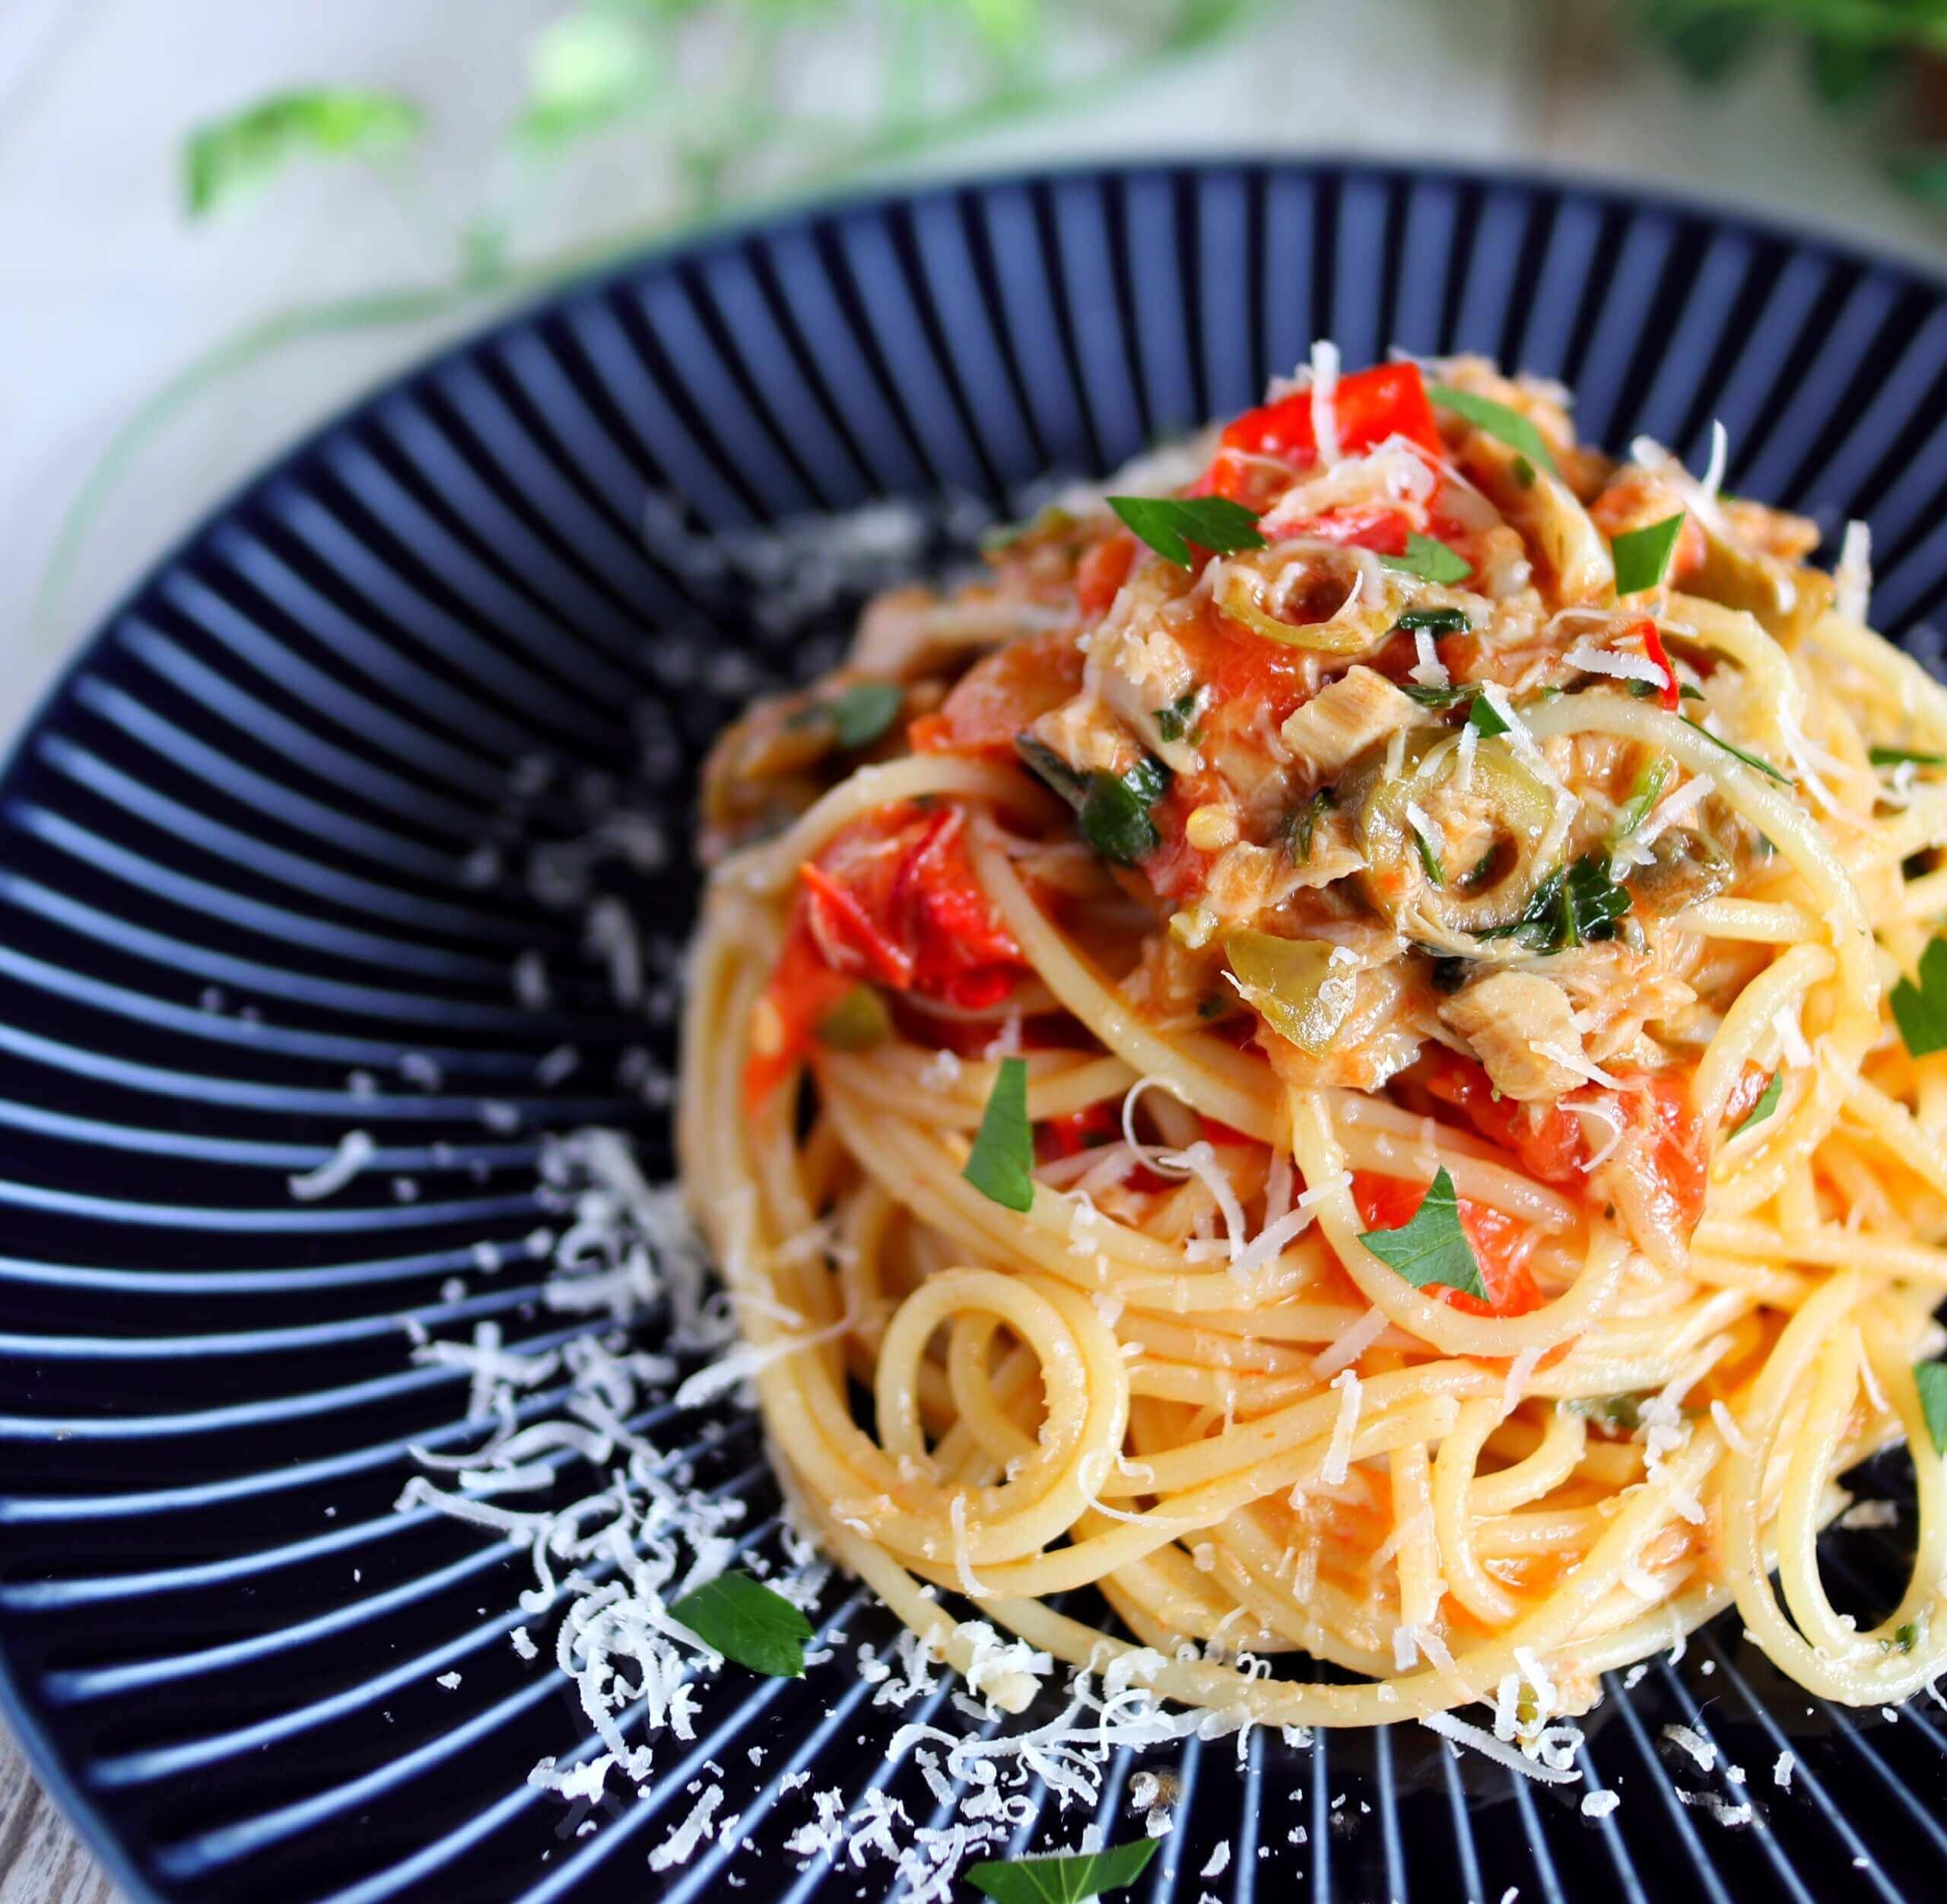 【絶品!】ツナのシチリア風プッタネスカのレシピ